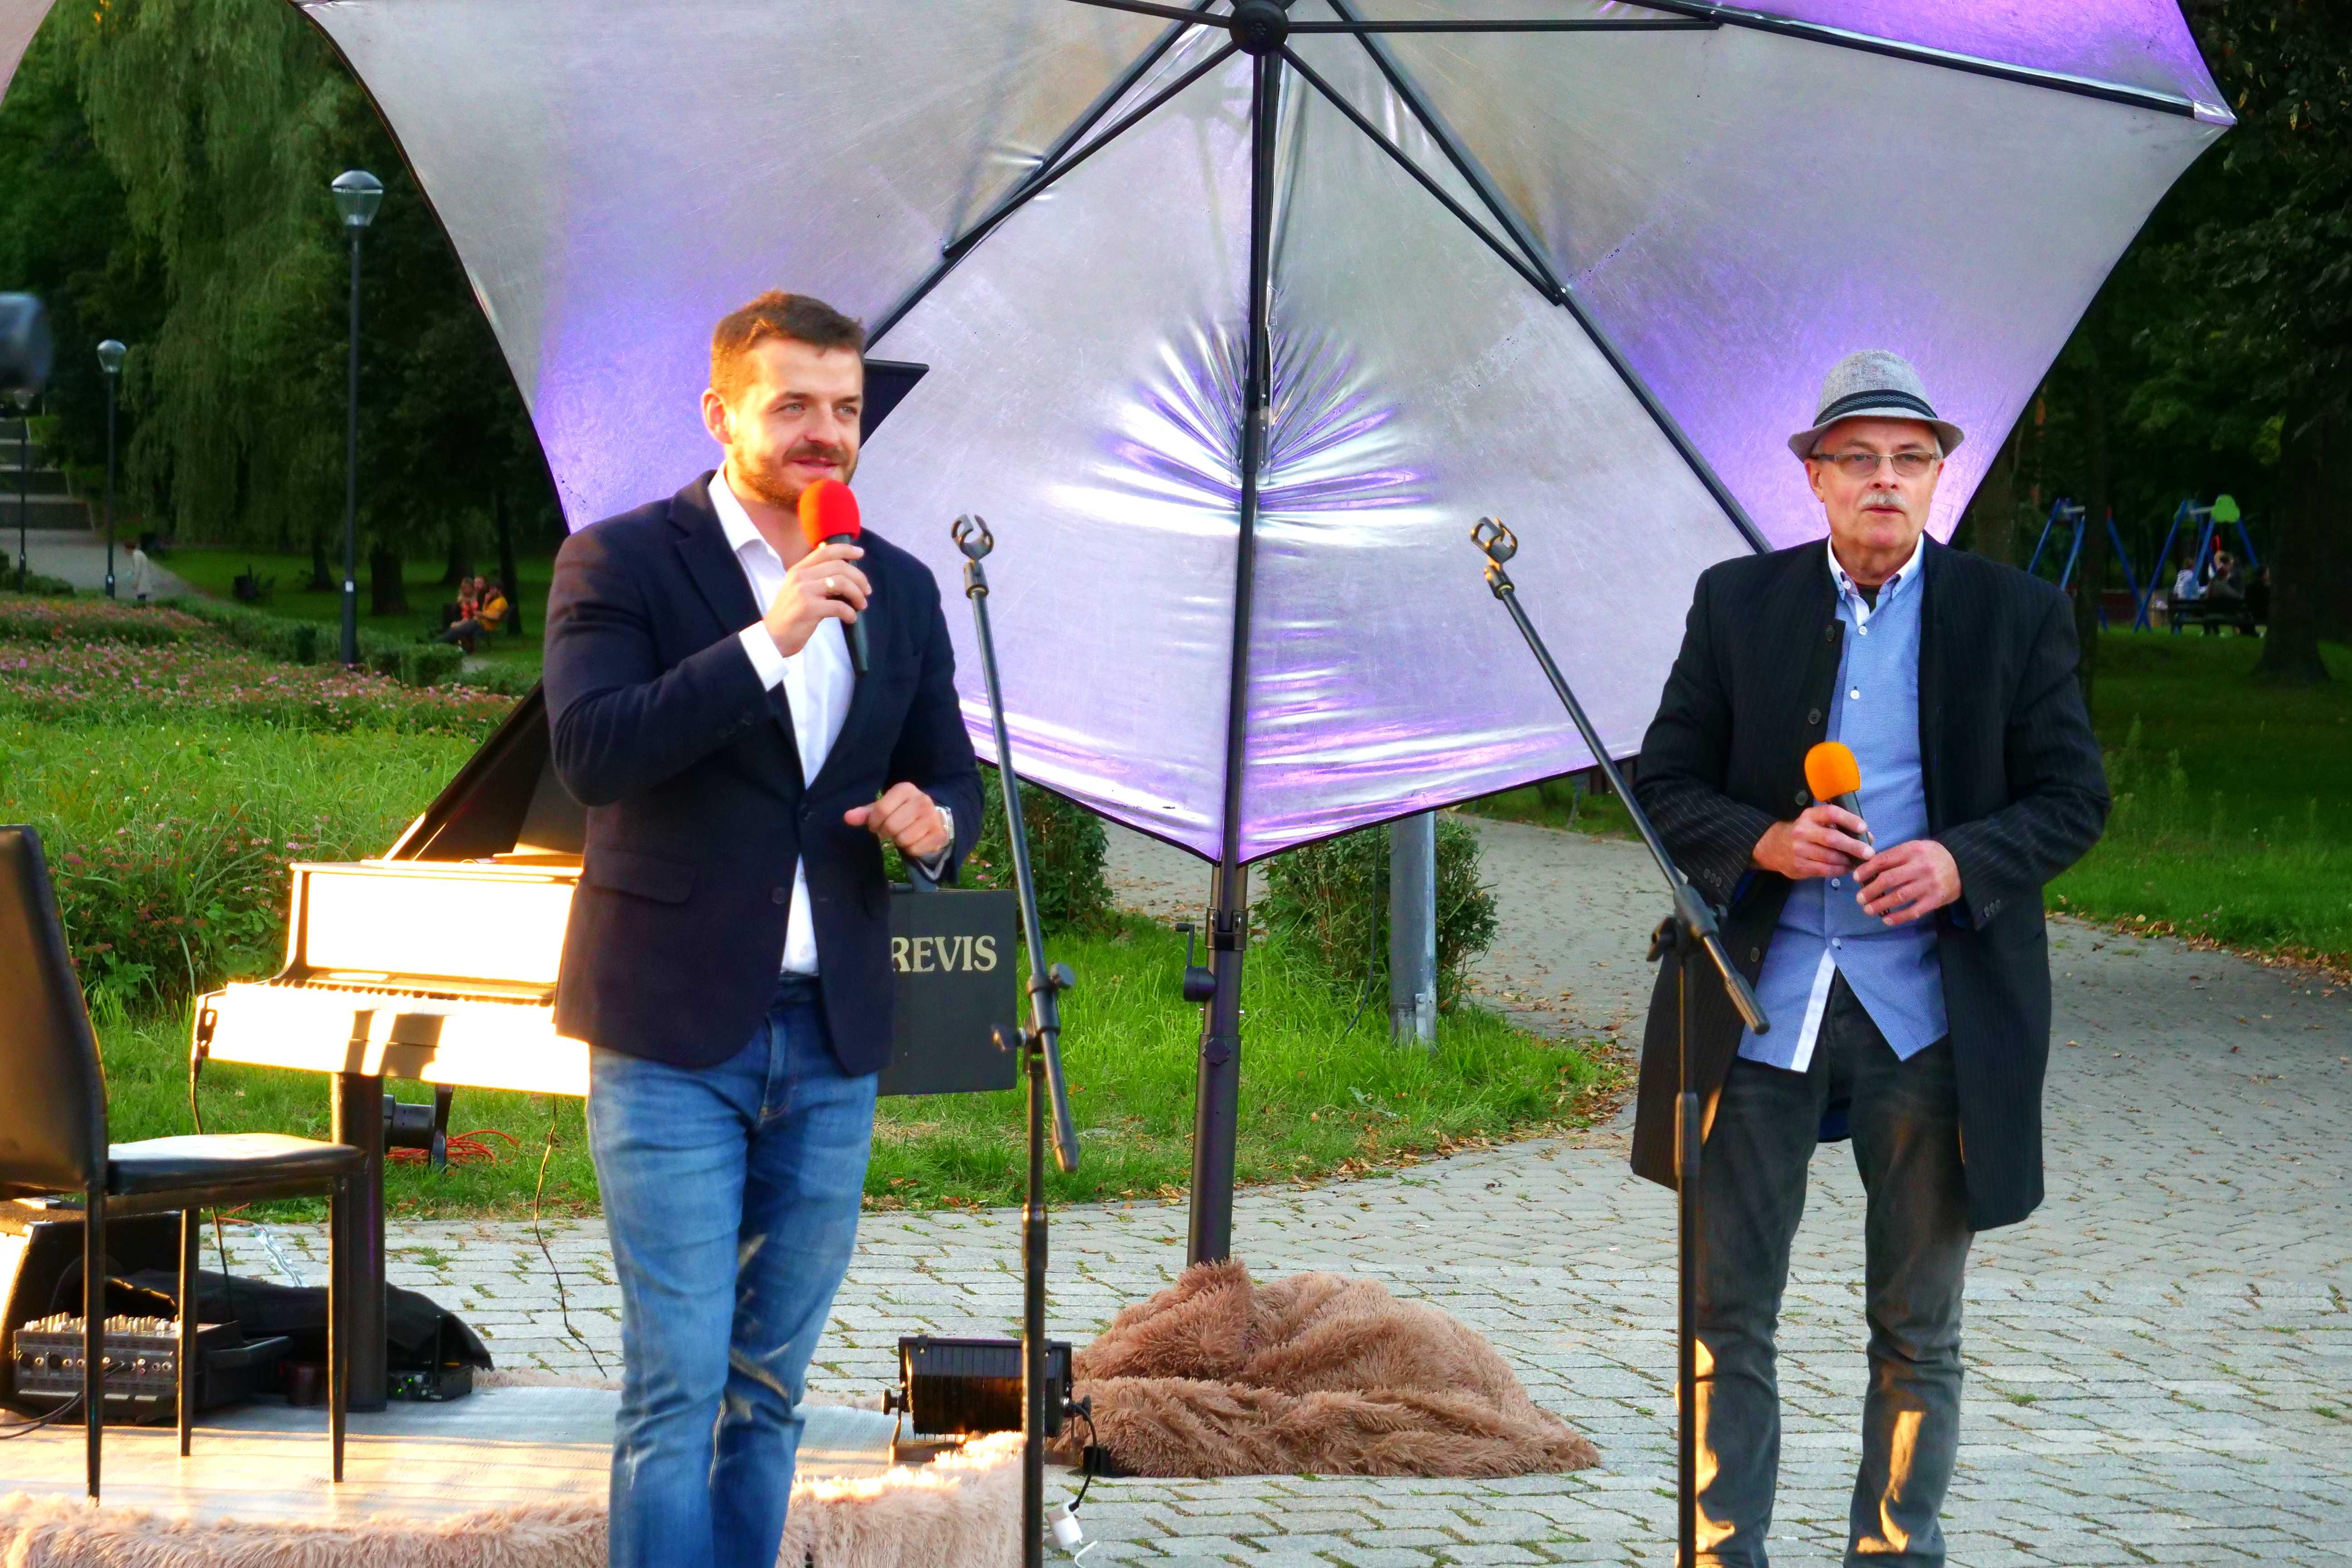 Burmistrz miasta Wojkowice Tomasz Szczerba i Leszek Czarnecki podczas Wieczorku Muzycznego w Parku Miejskim, MOK Wojkowice